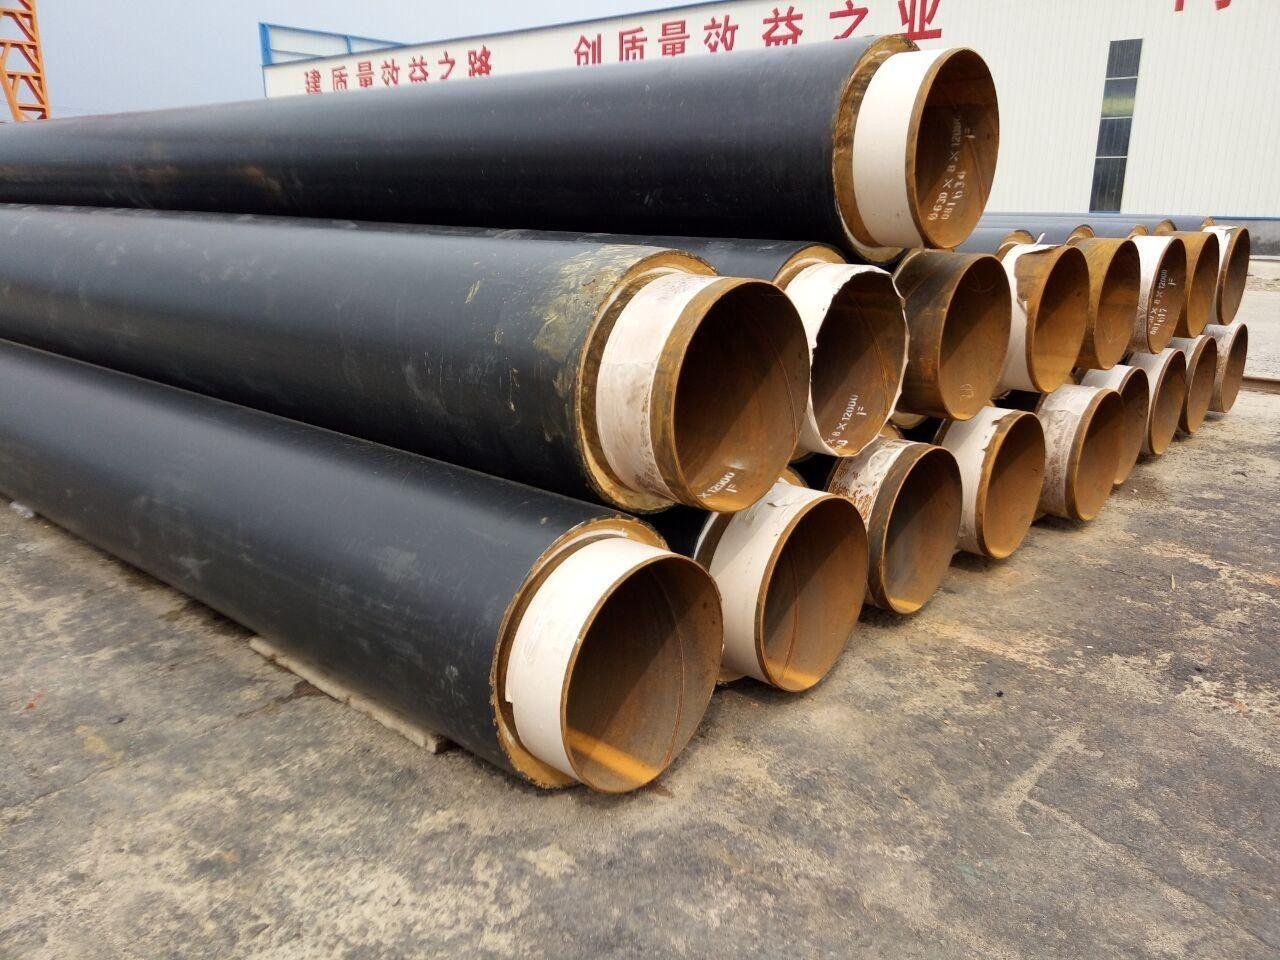 遂宁市聚氨酯螺旋保温钢管常见的问题和处理方法